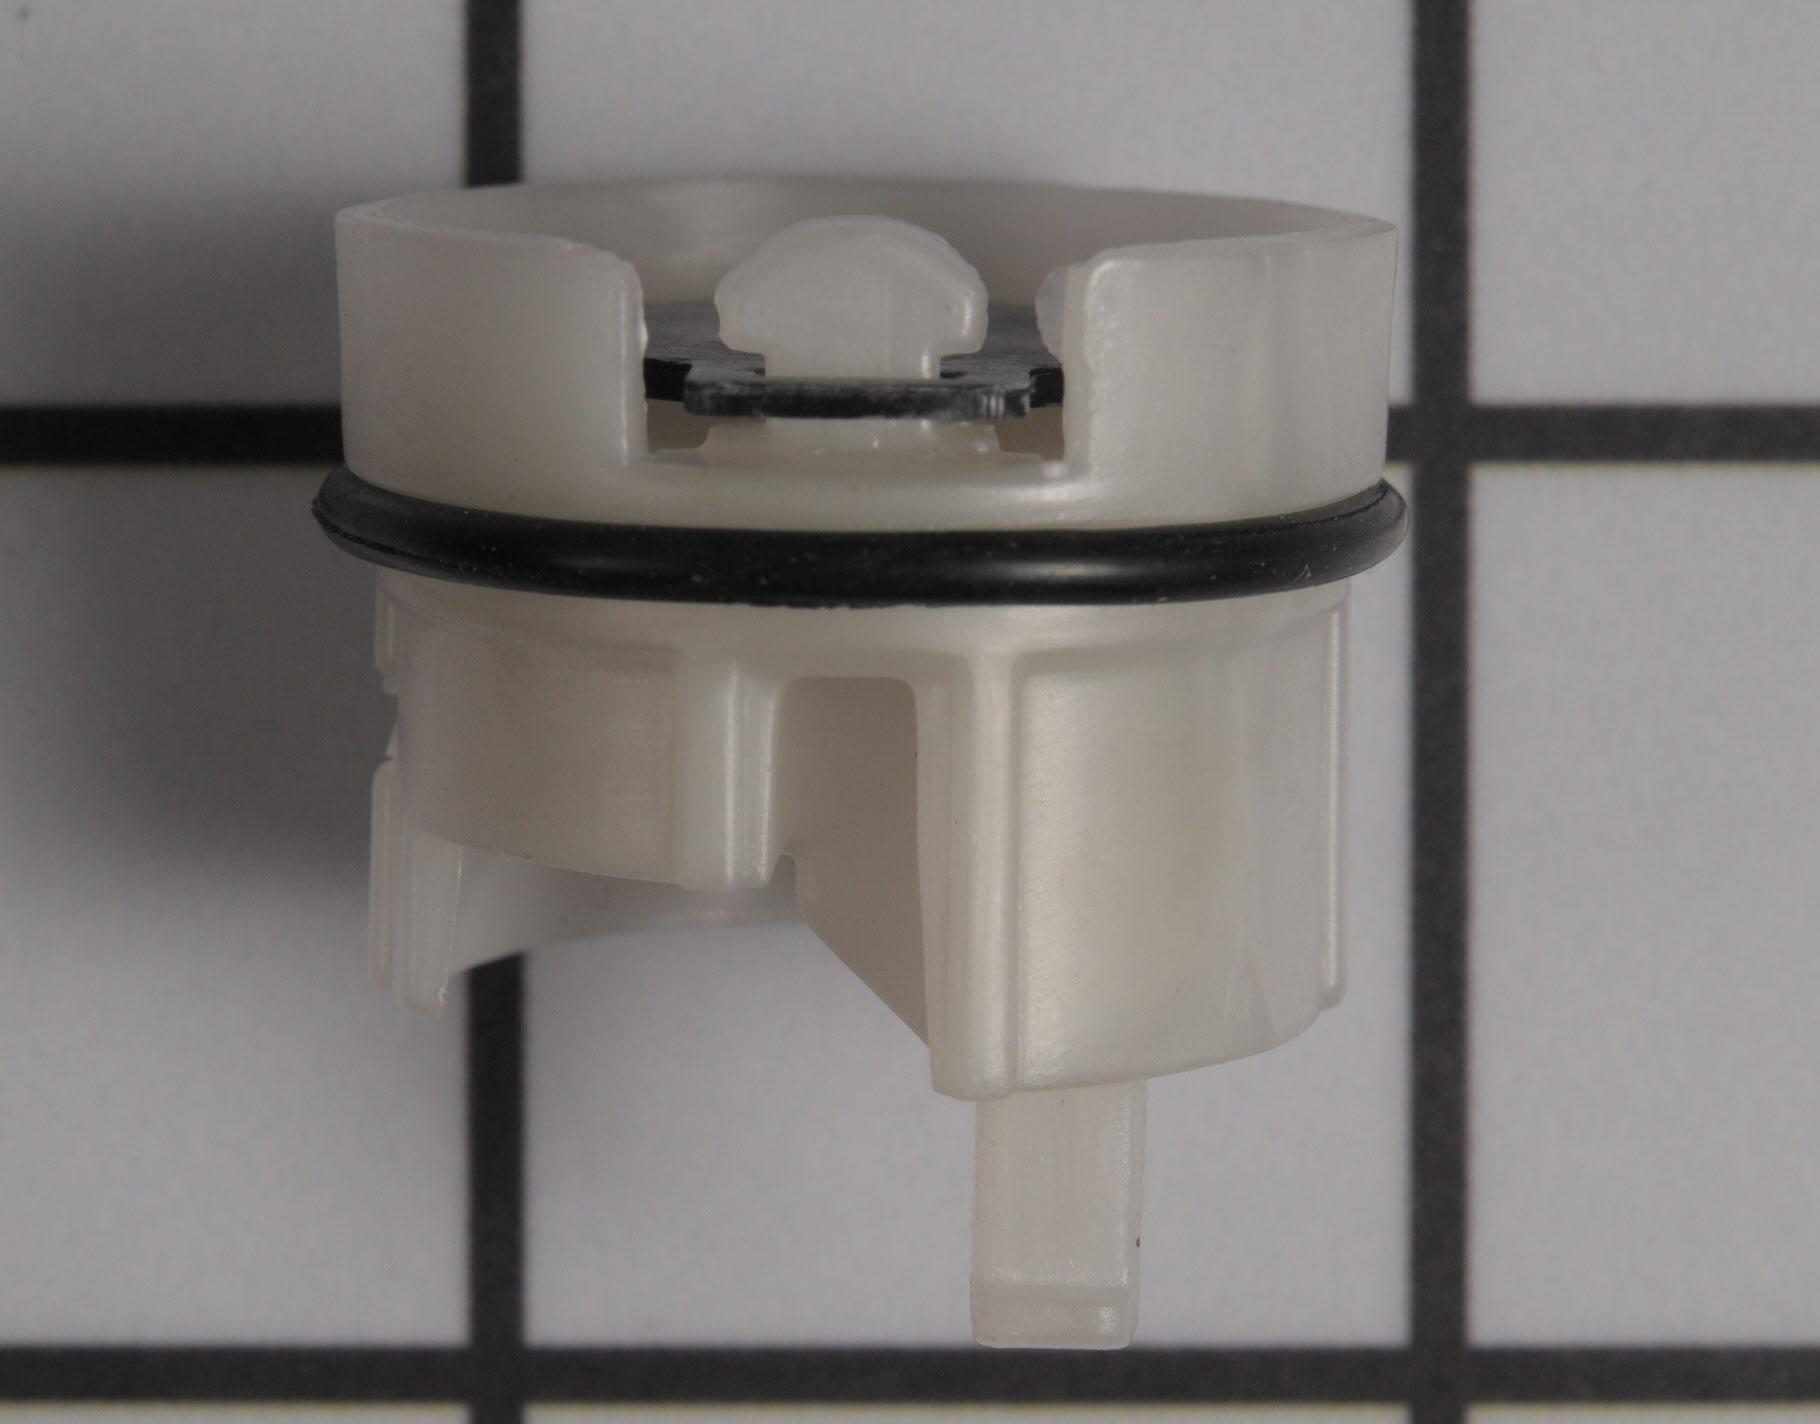 LG Dishwasher Part # ABQ73502701 - Check Valve